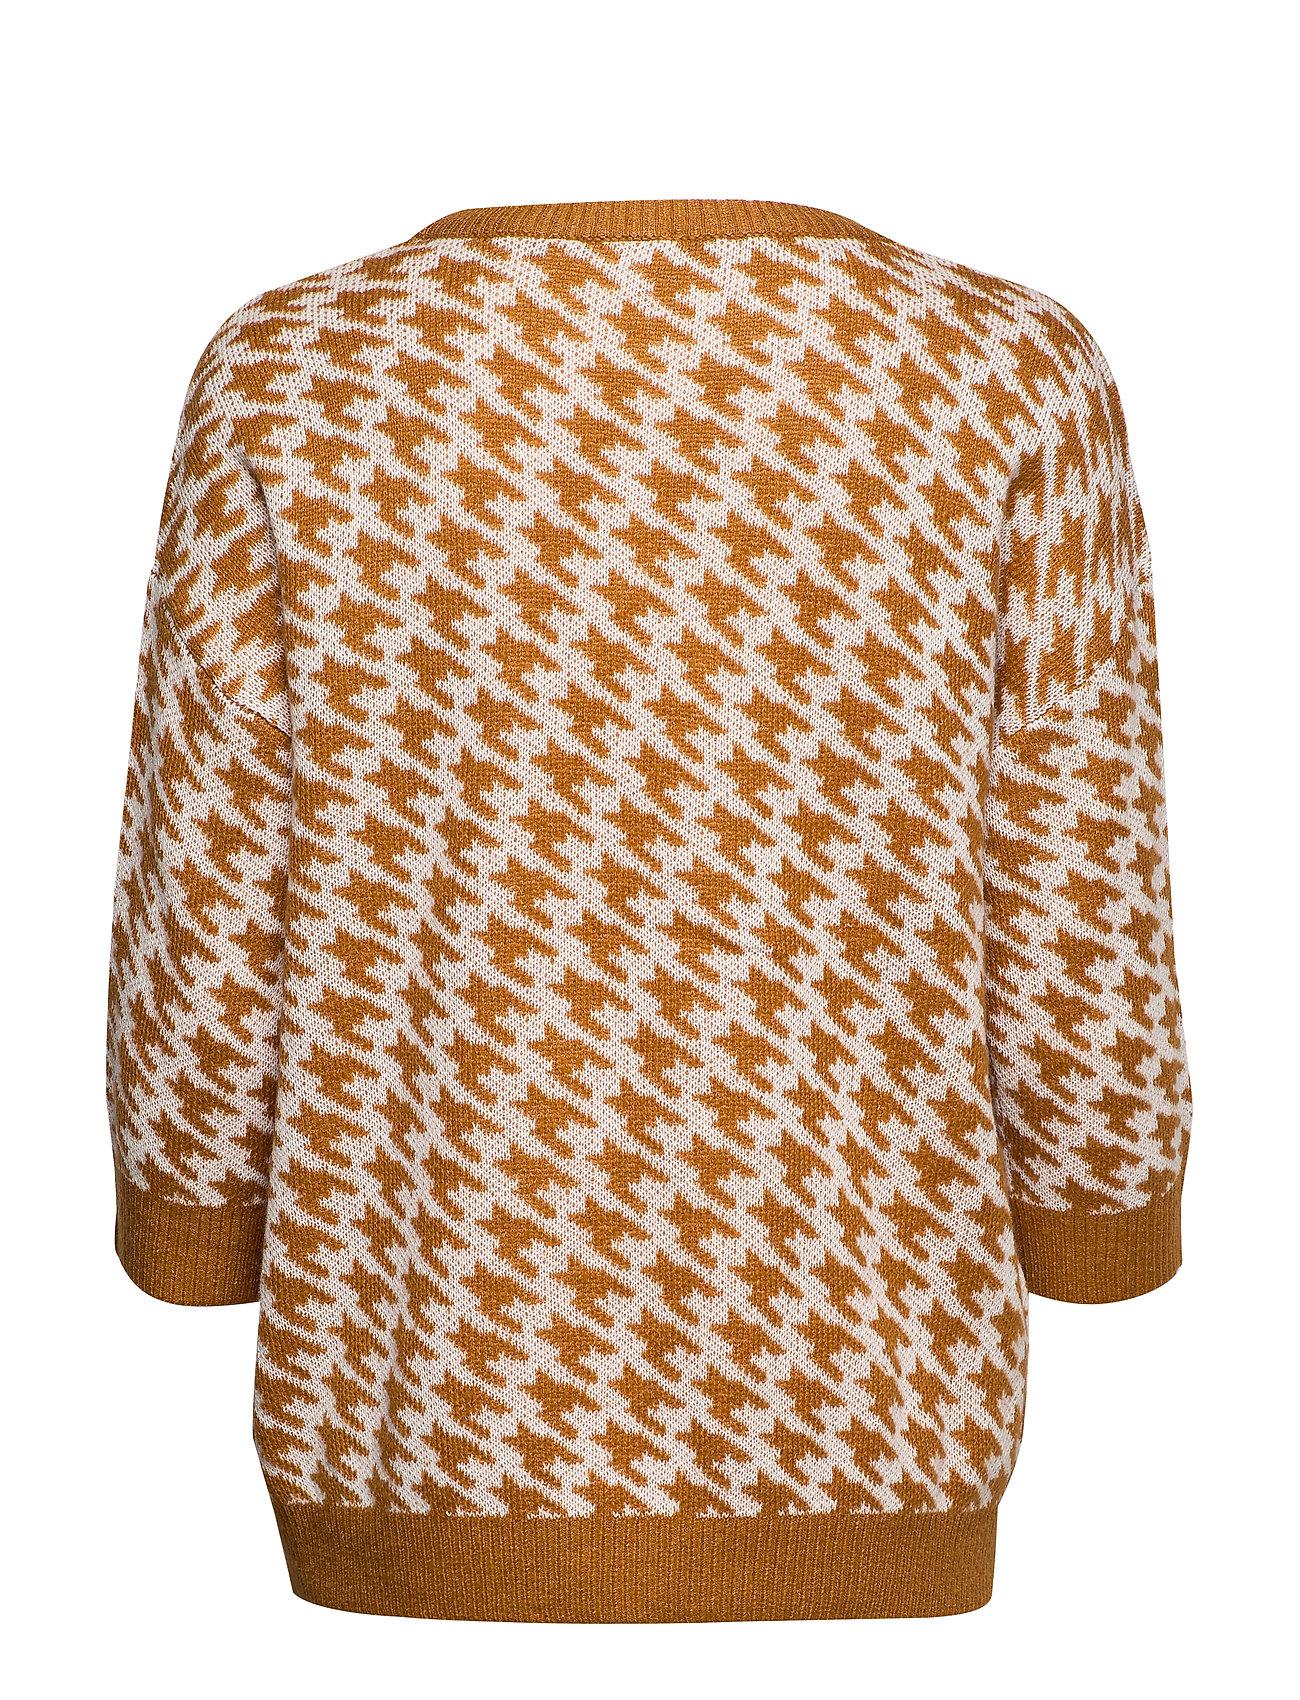 Saint Tropez U2509 Knit Jumper 3/4 Sleeve (C.spice) 249 kr   Stort utbud av designermärken QOGNQ2rL